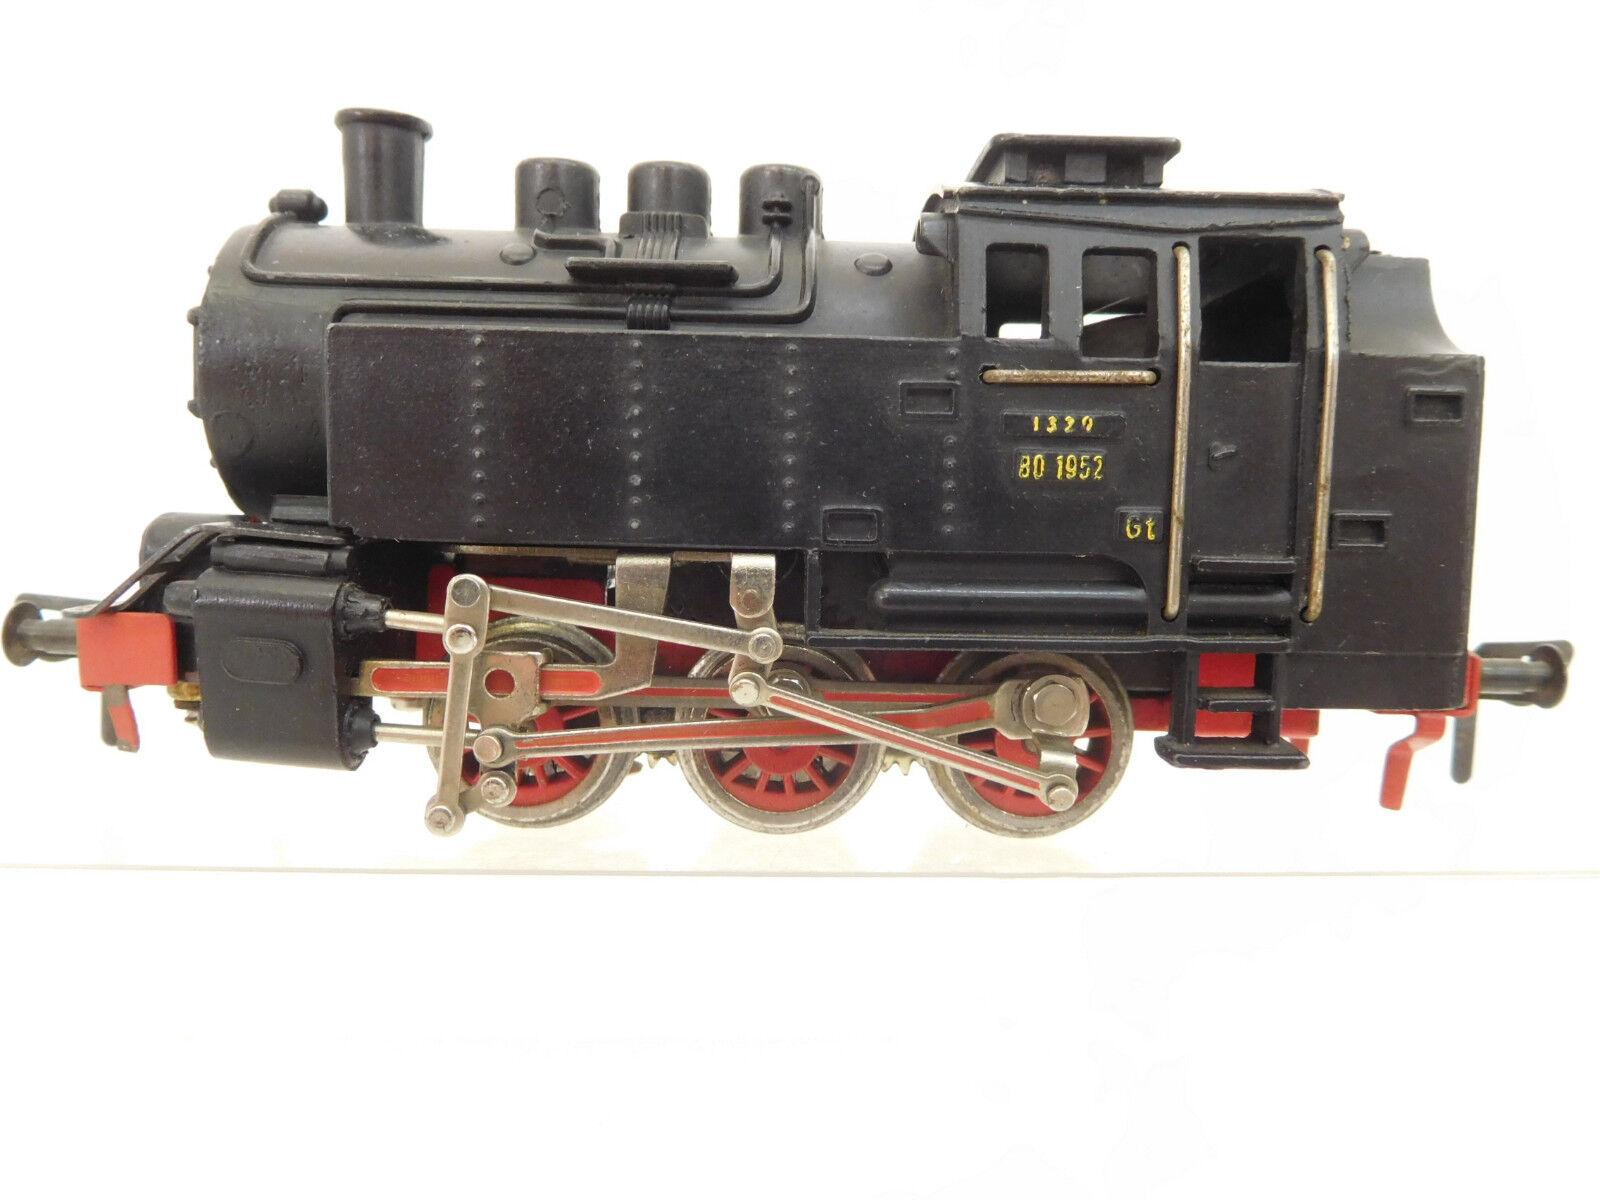 Eso-7400 Fleischmann h0 máquina de vapor 80 1952 con el deterioro, función examinado